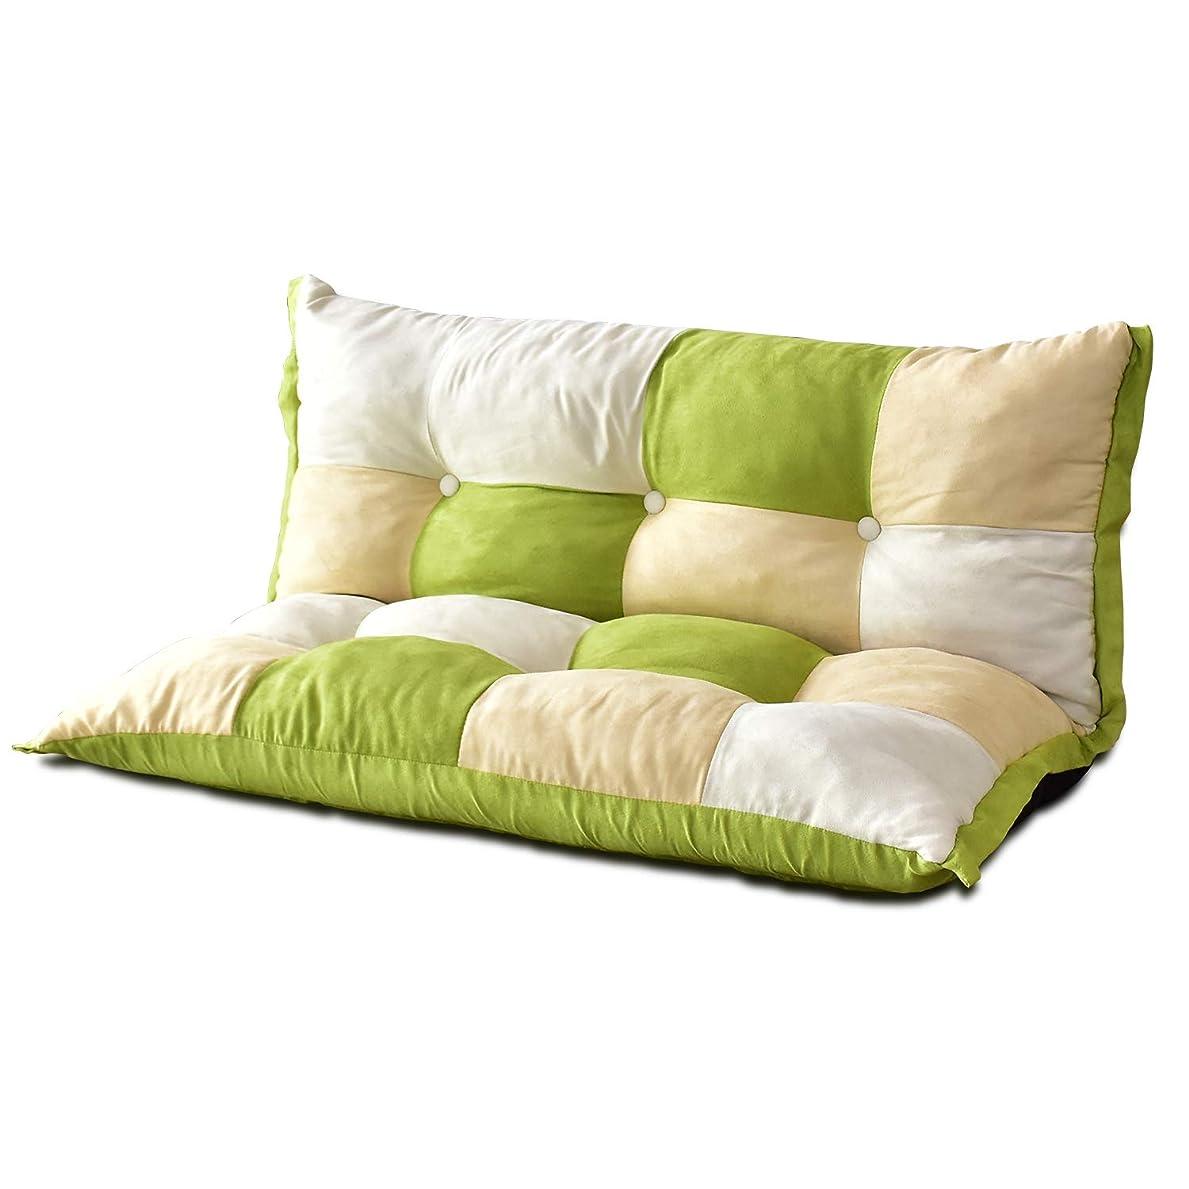 減らす従う美徳DORIS ローソファ コンパクト 108cm幅 14段階リクライニング ソファ ひとり掛け 座椅子 座椅子 パッチワークグリーン リラックス